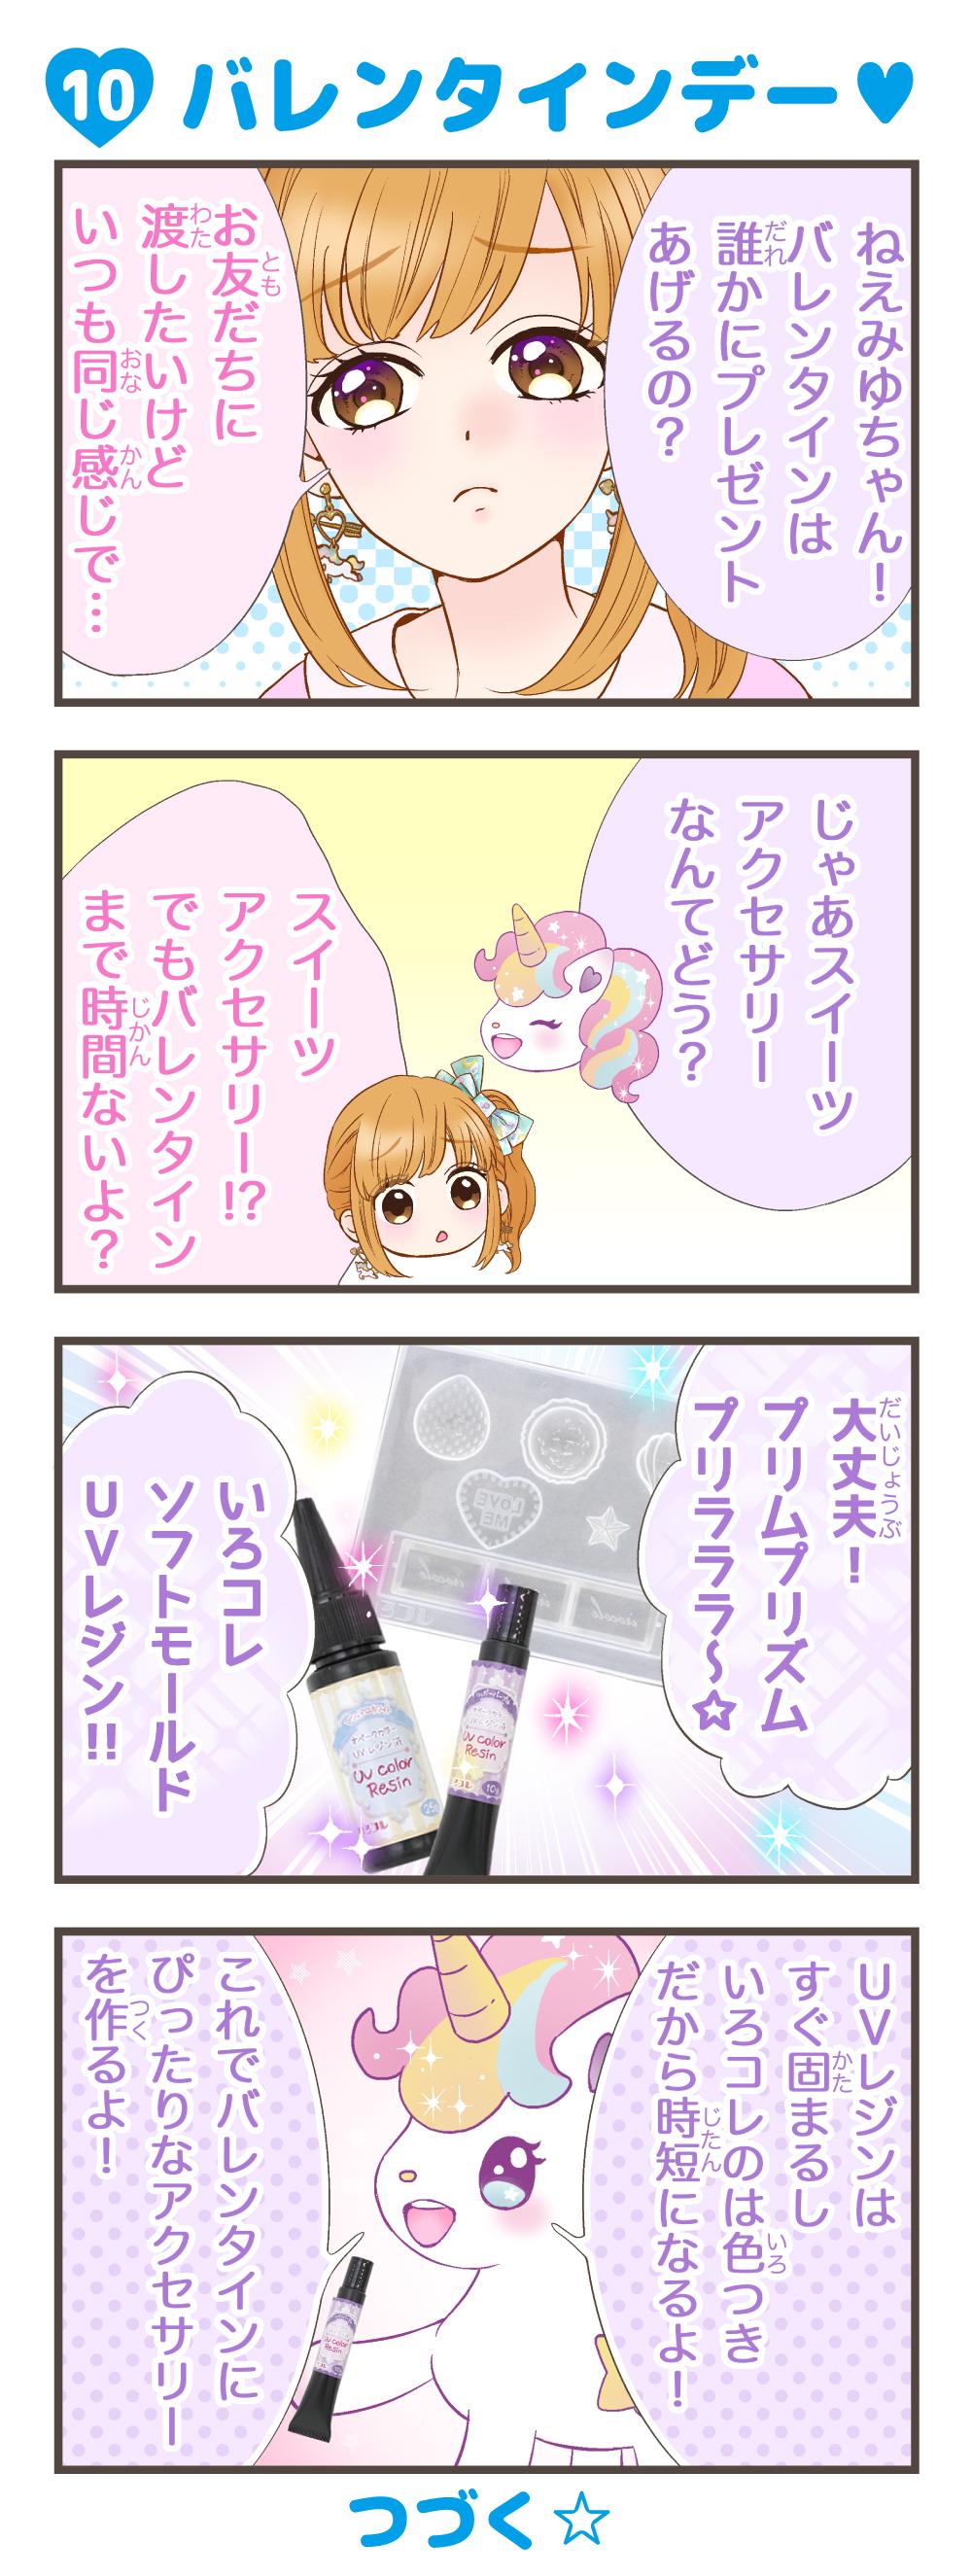 いろコレ漫画10話